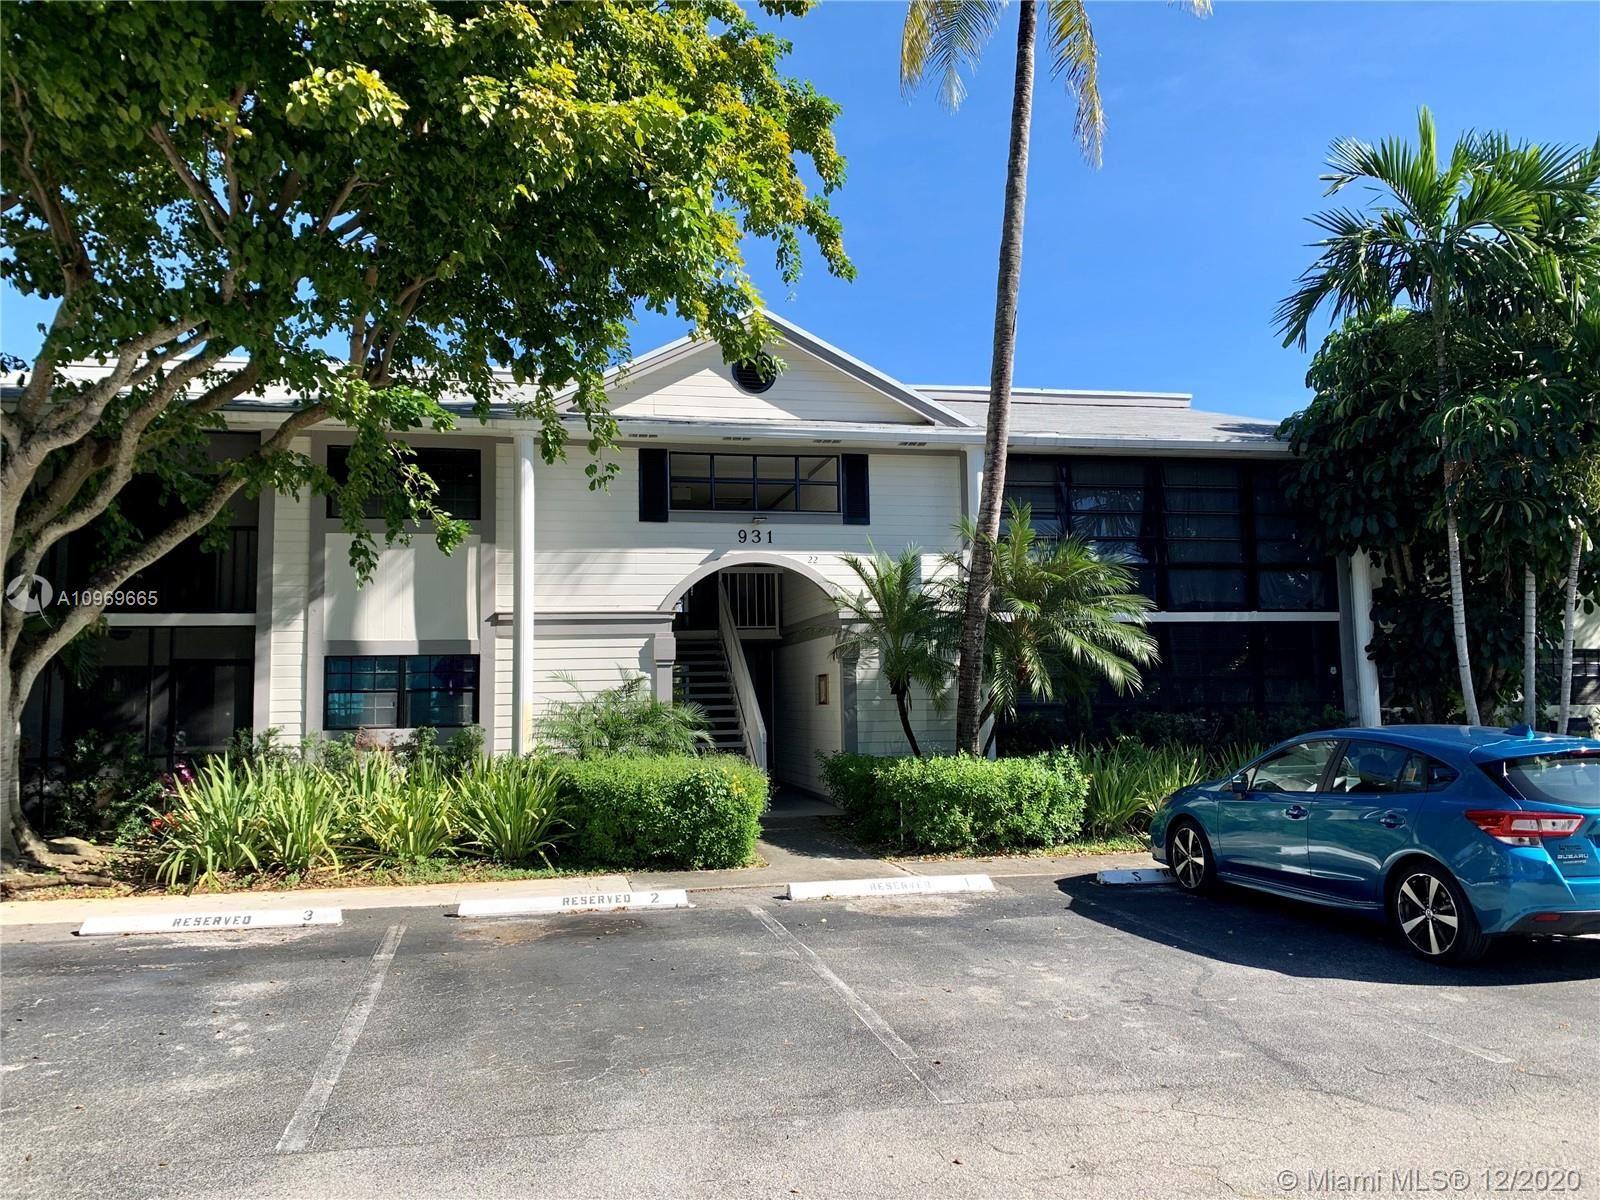 931 NE 199th St #203-22, Miami, FL 33179 - #: A10969665